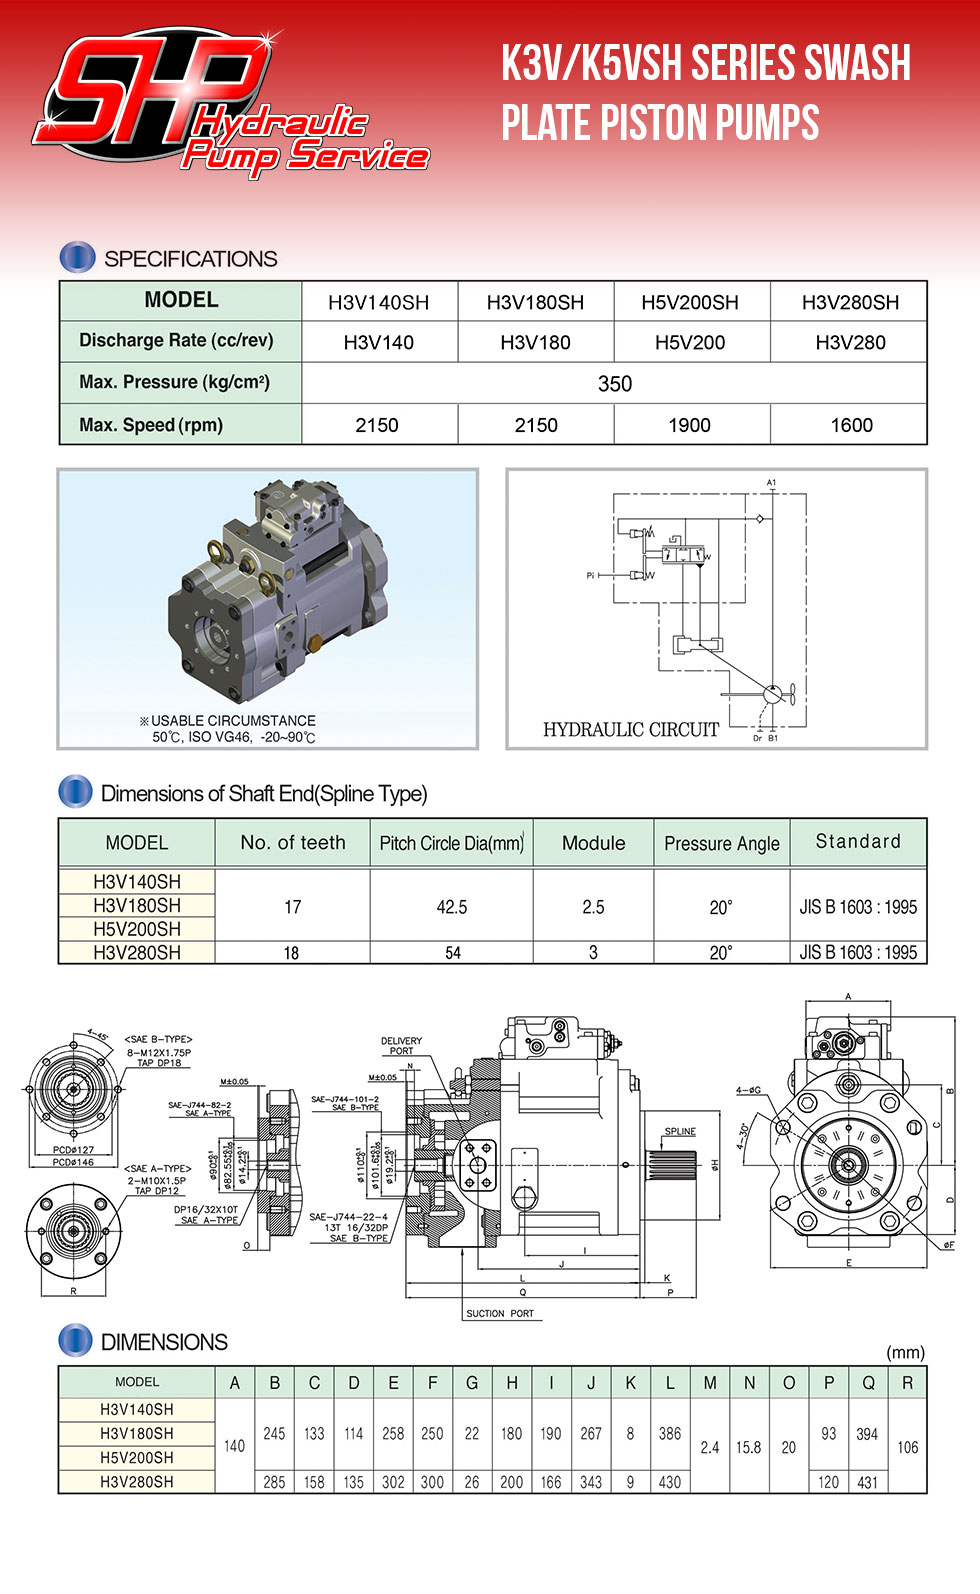 K3V/K5VSH Series Swash Plate Piston Pumps